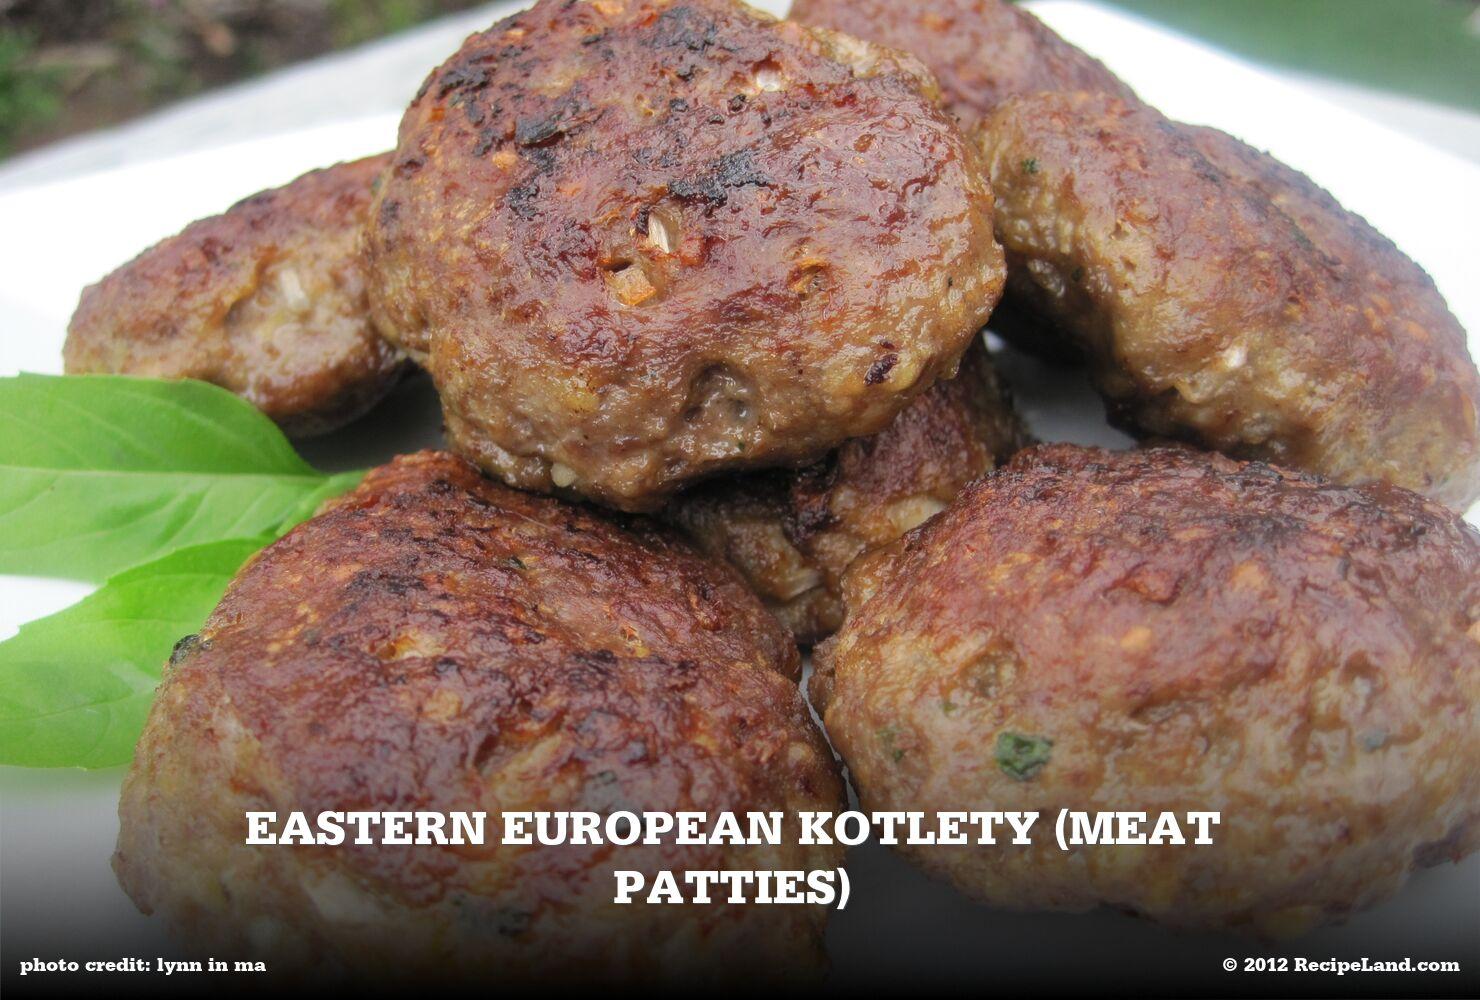 Eastern European Kotlety (Meat Patties)